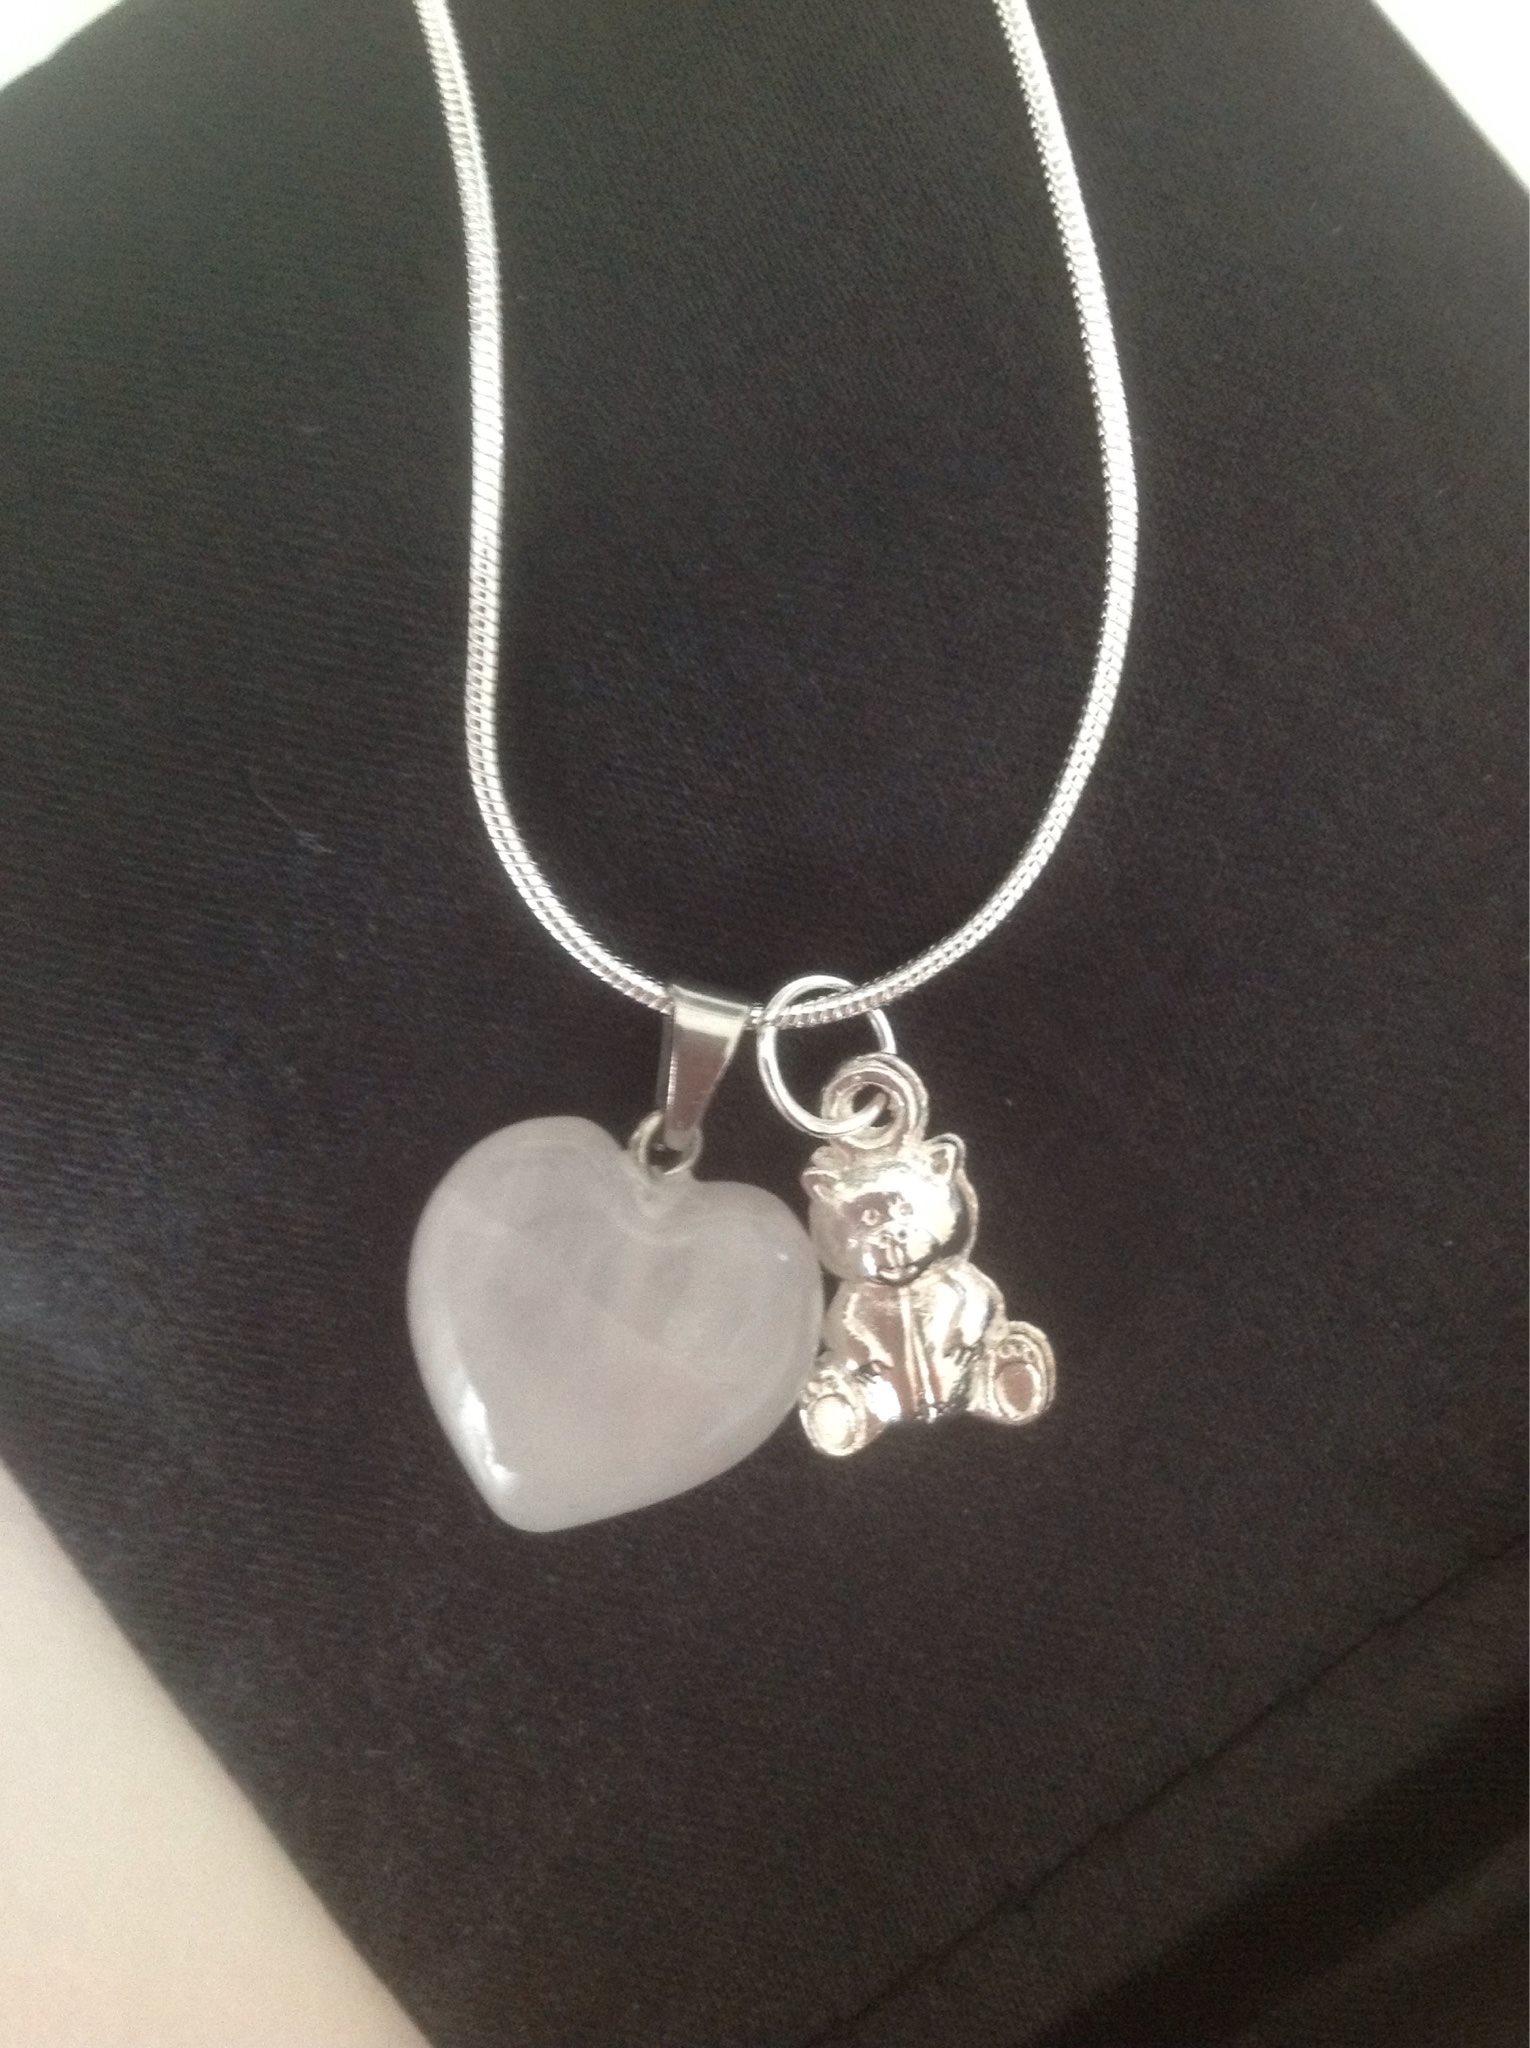 Halsband stämplat 925 hjärta ROSENKVARTS berlock nallebjörn fin Gåva barn aeddb45531d59